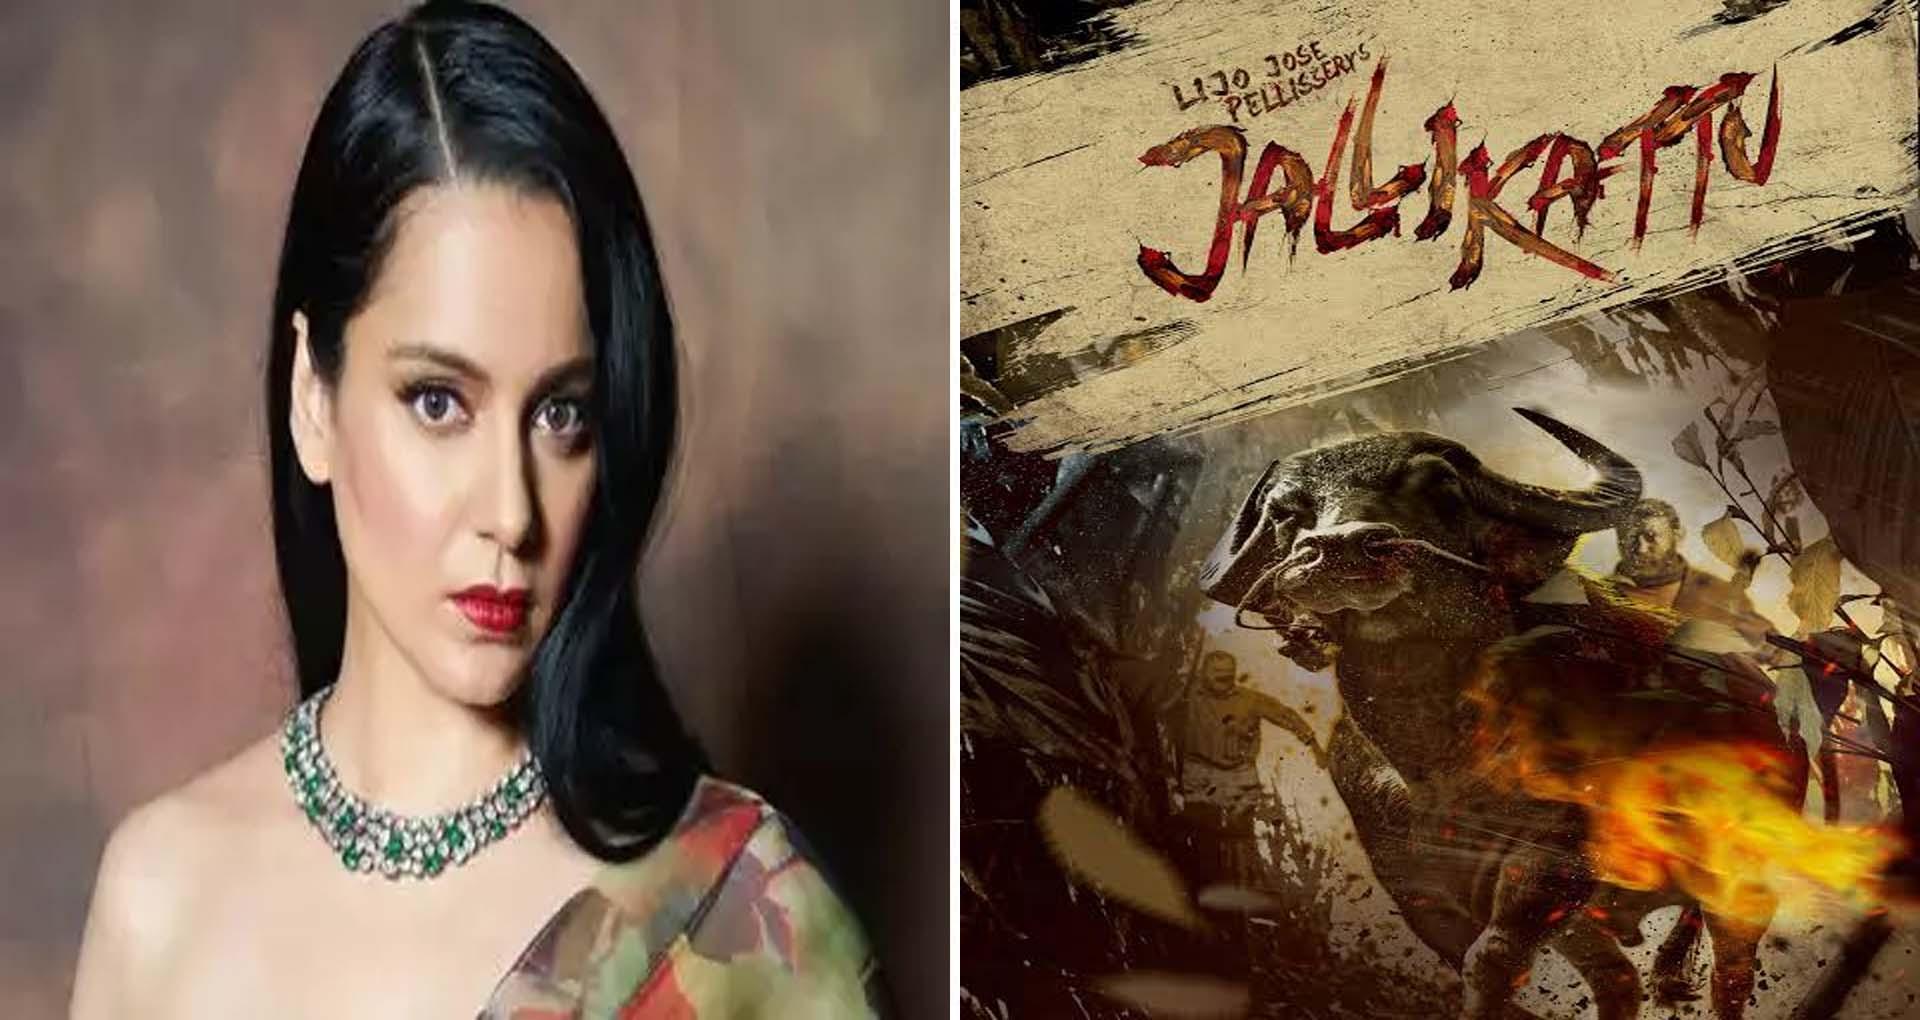 ऑस्कर की रेस में शामिल हुई मलयालम फिल्म 'जल्लीकट्टू', कंगना रनौत ने दिया कुछ ऐसा रिएक्शन